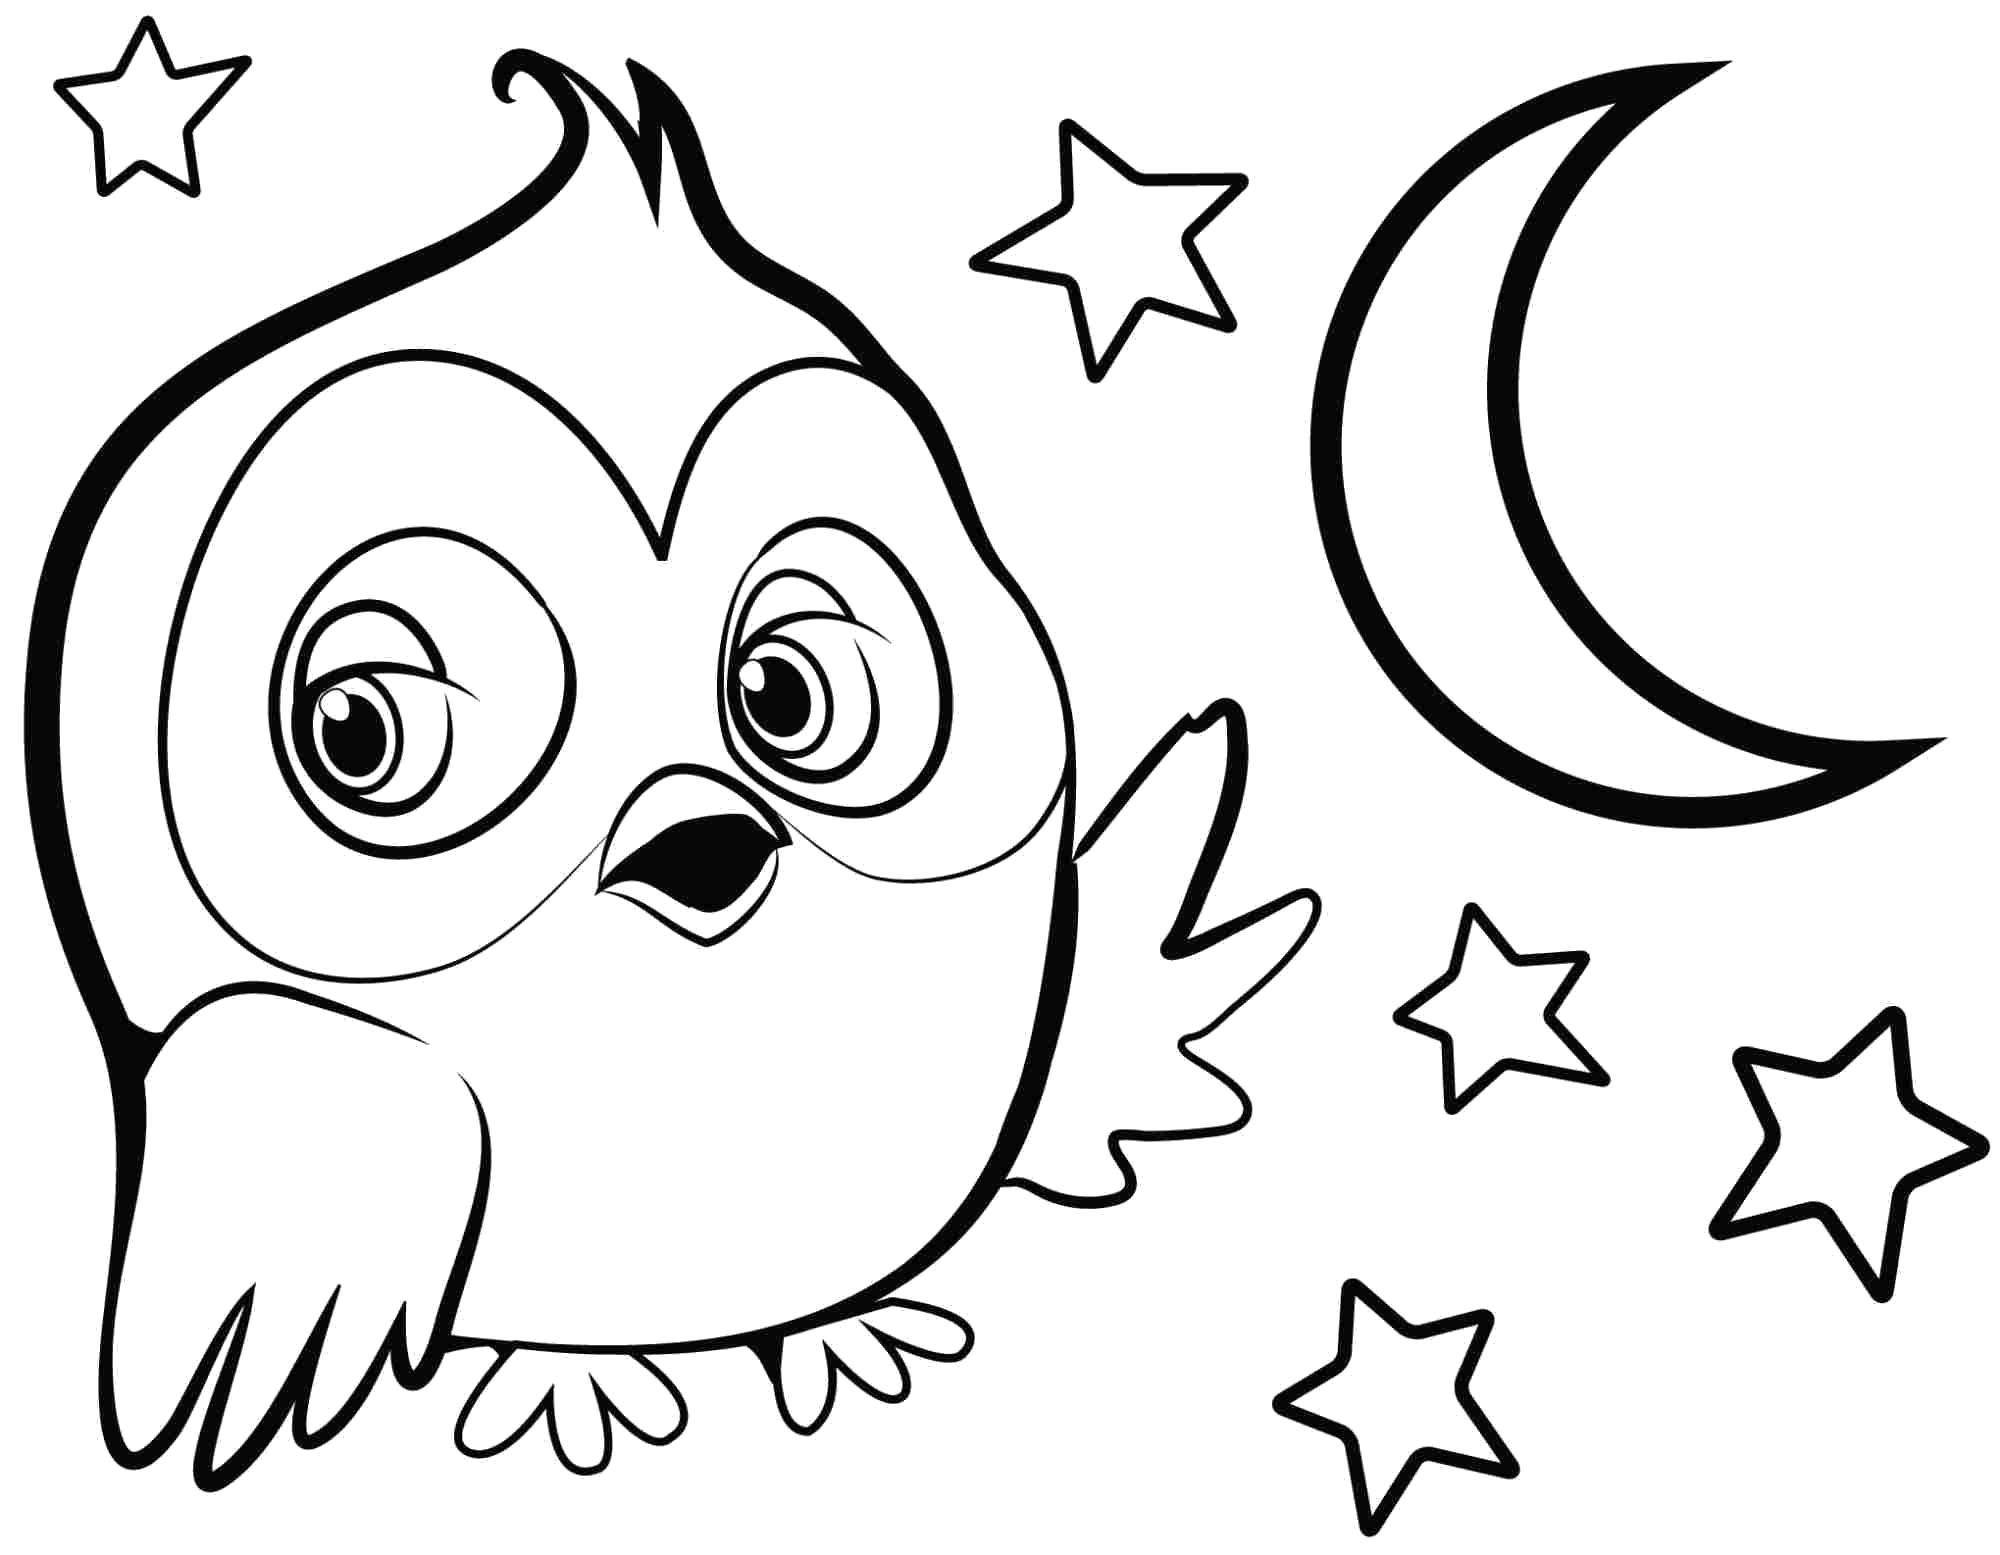 Раскраска сова  ночью среди звезд. Скачать Сова.  Распечатать Сова